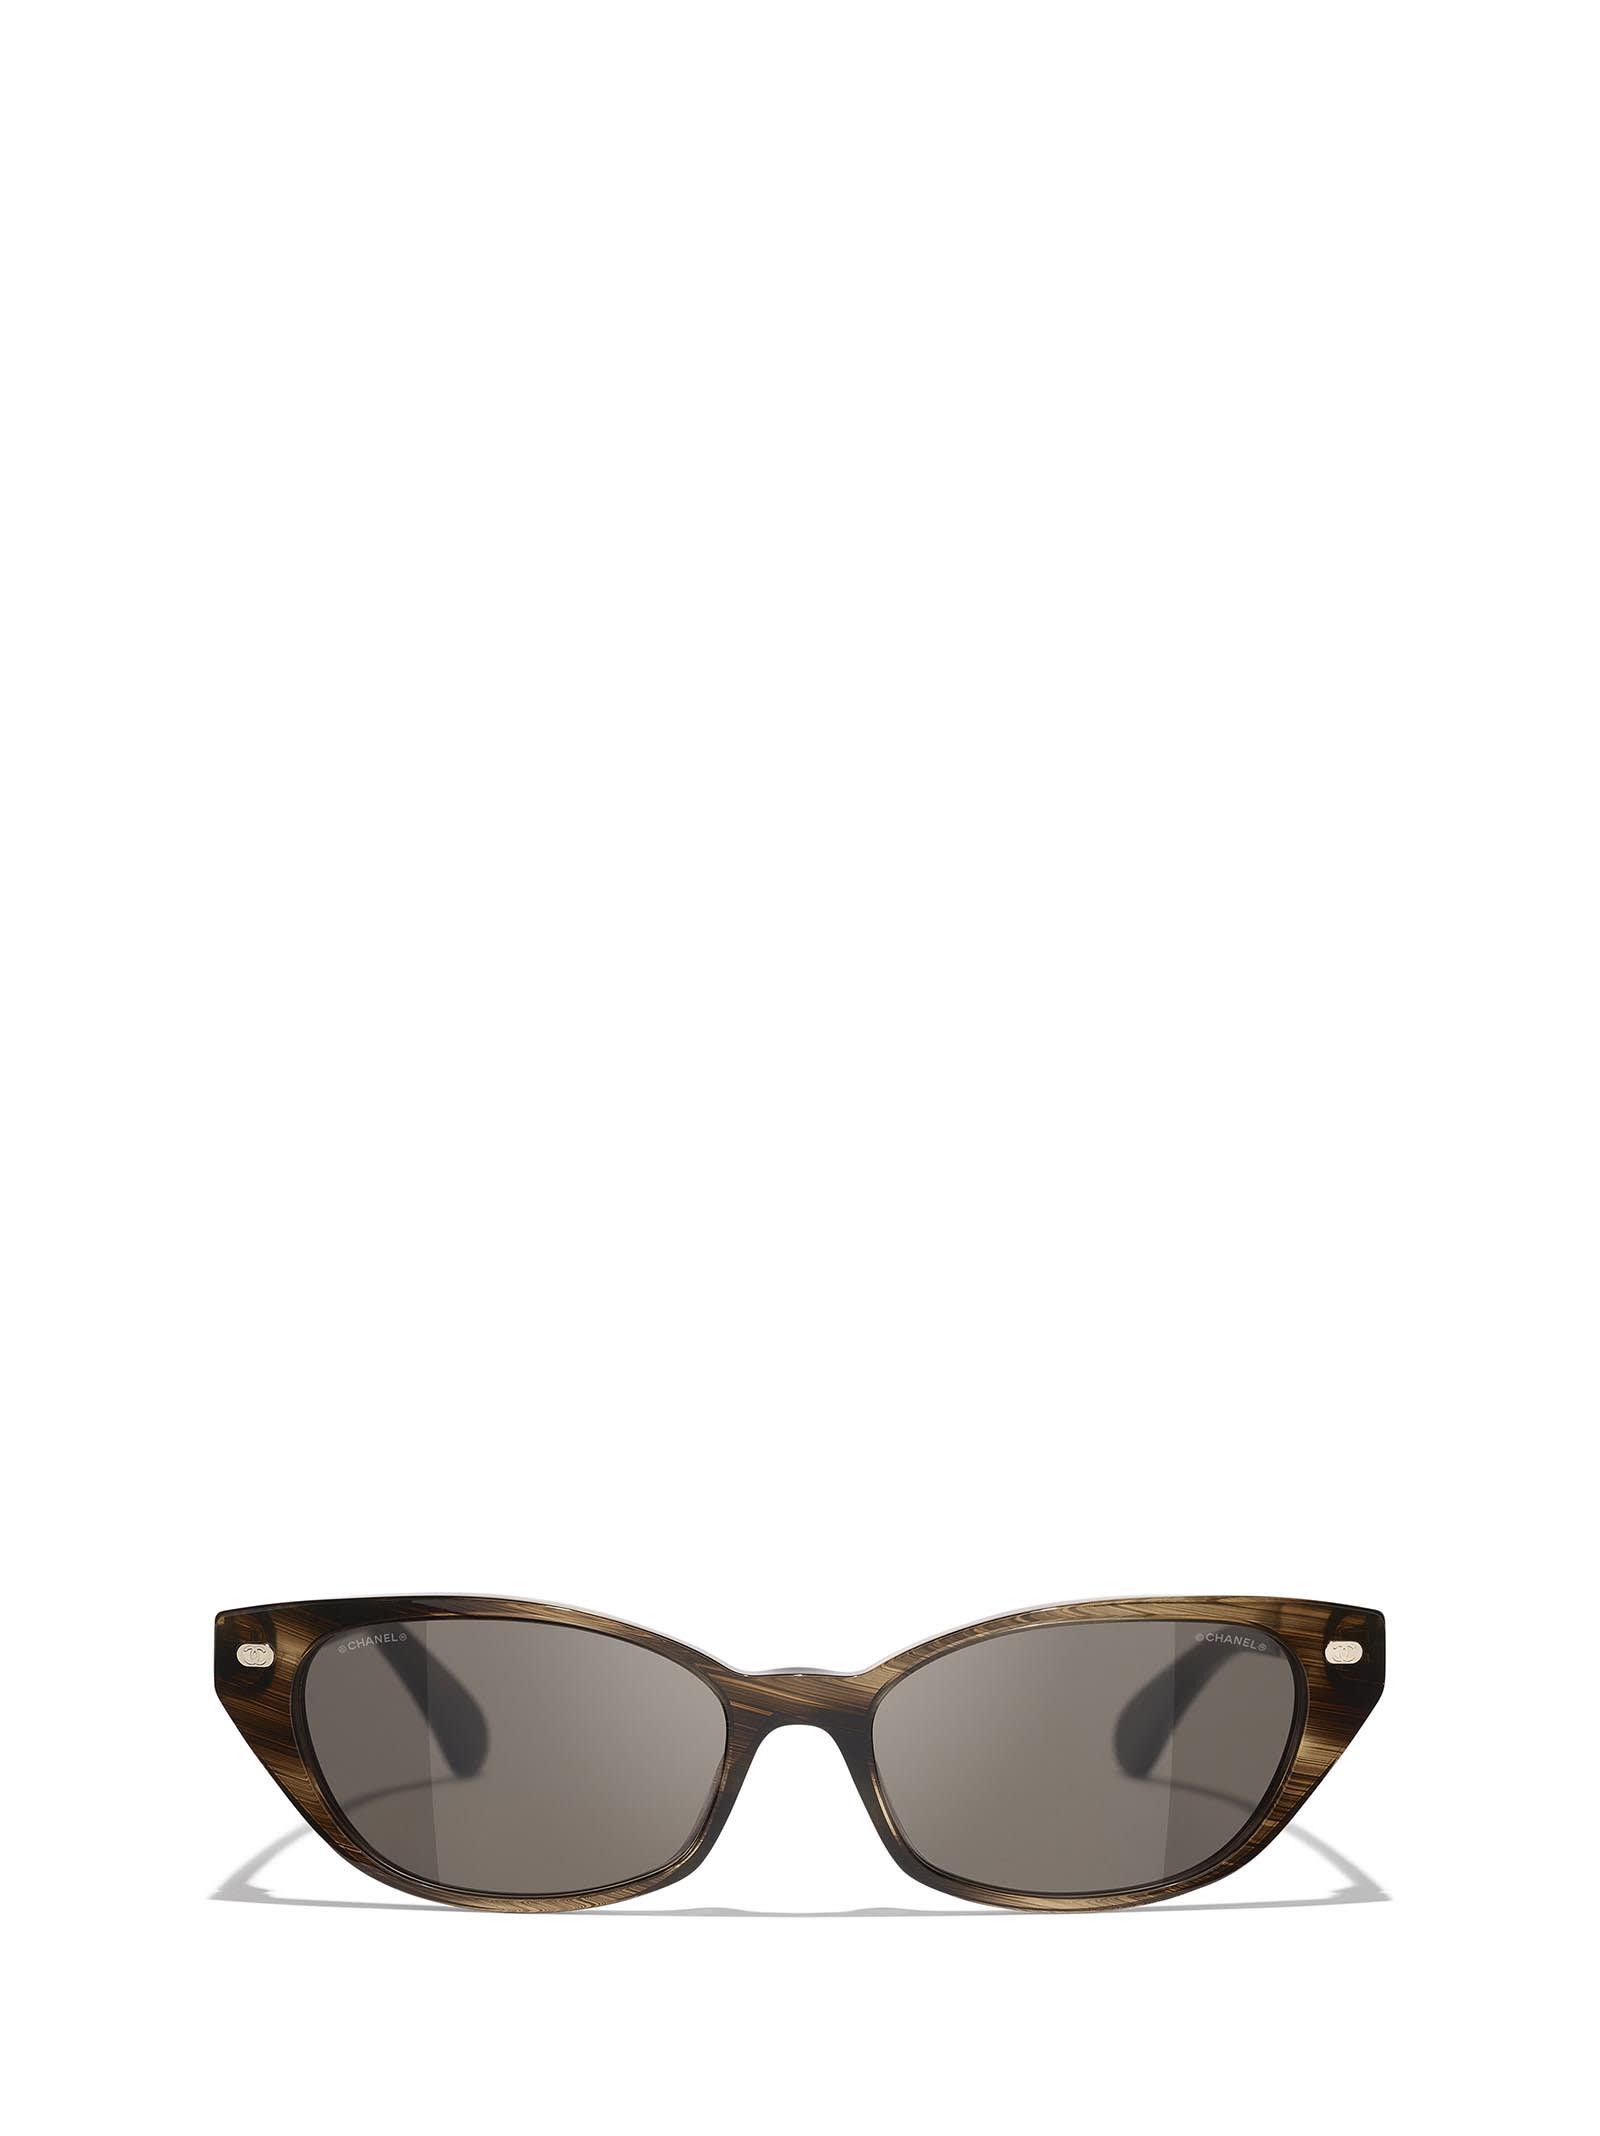 Chanel Ch5438q Brown Striped Sunglasses In 1677/3